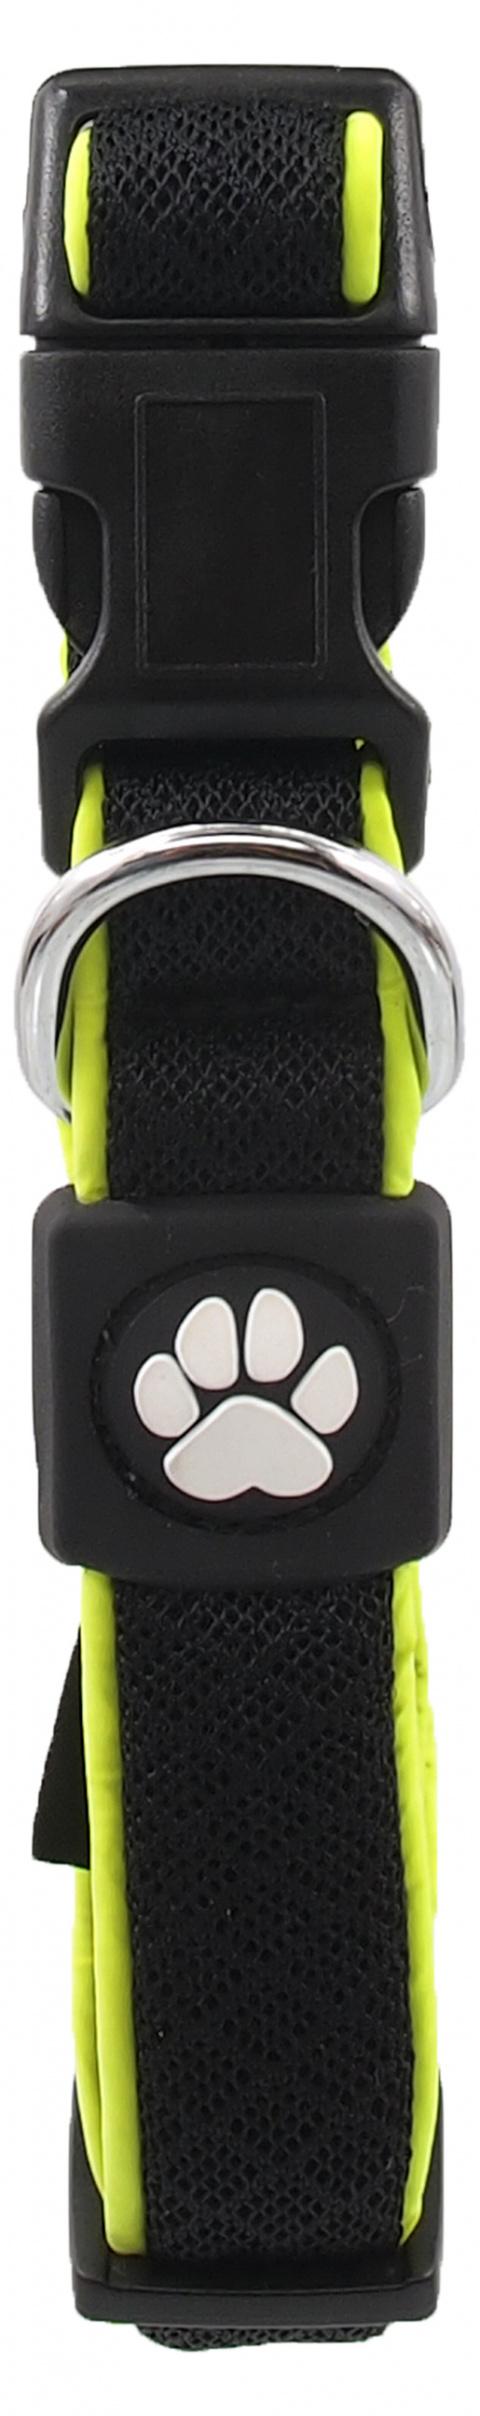 Obojek Active Dog Fluffy Reflective S černý 2x28-40cm title=